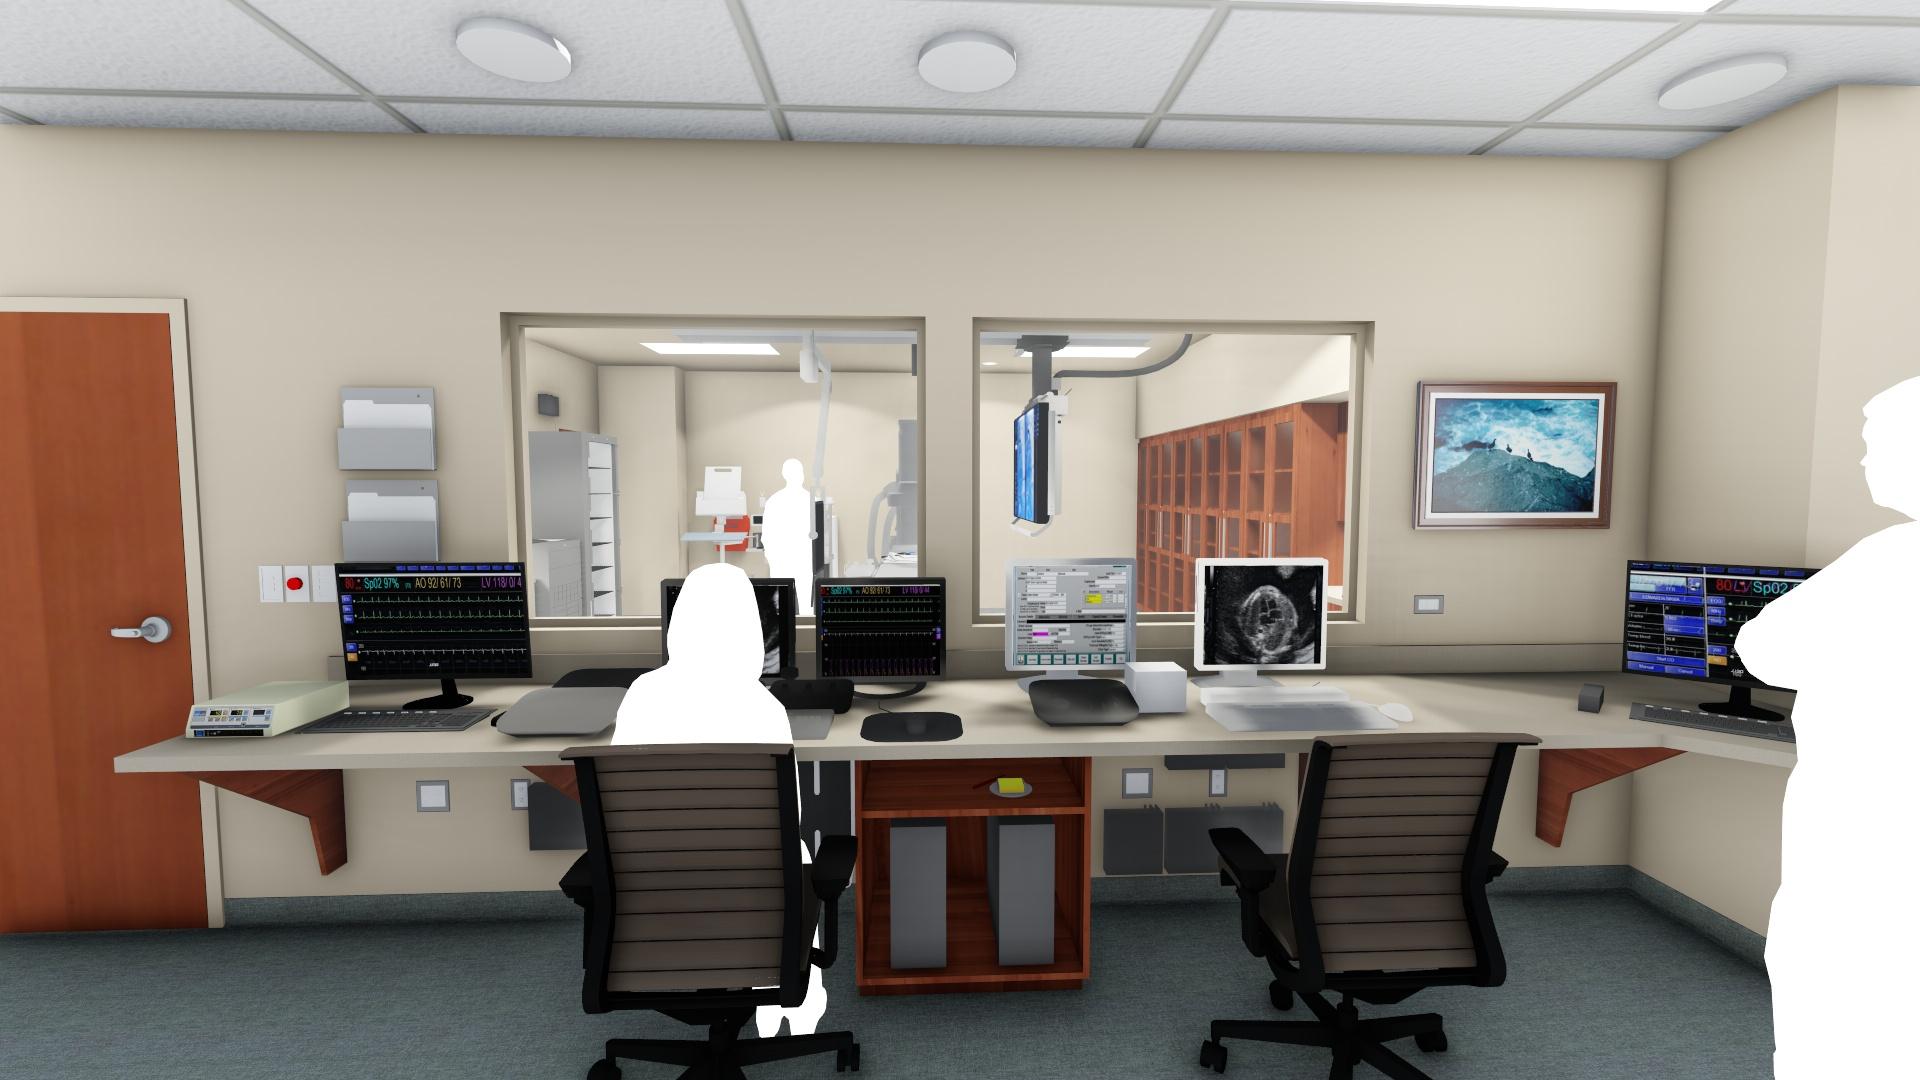 EJCH Cath Lab - Rendering 5 (Control Room).jpg